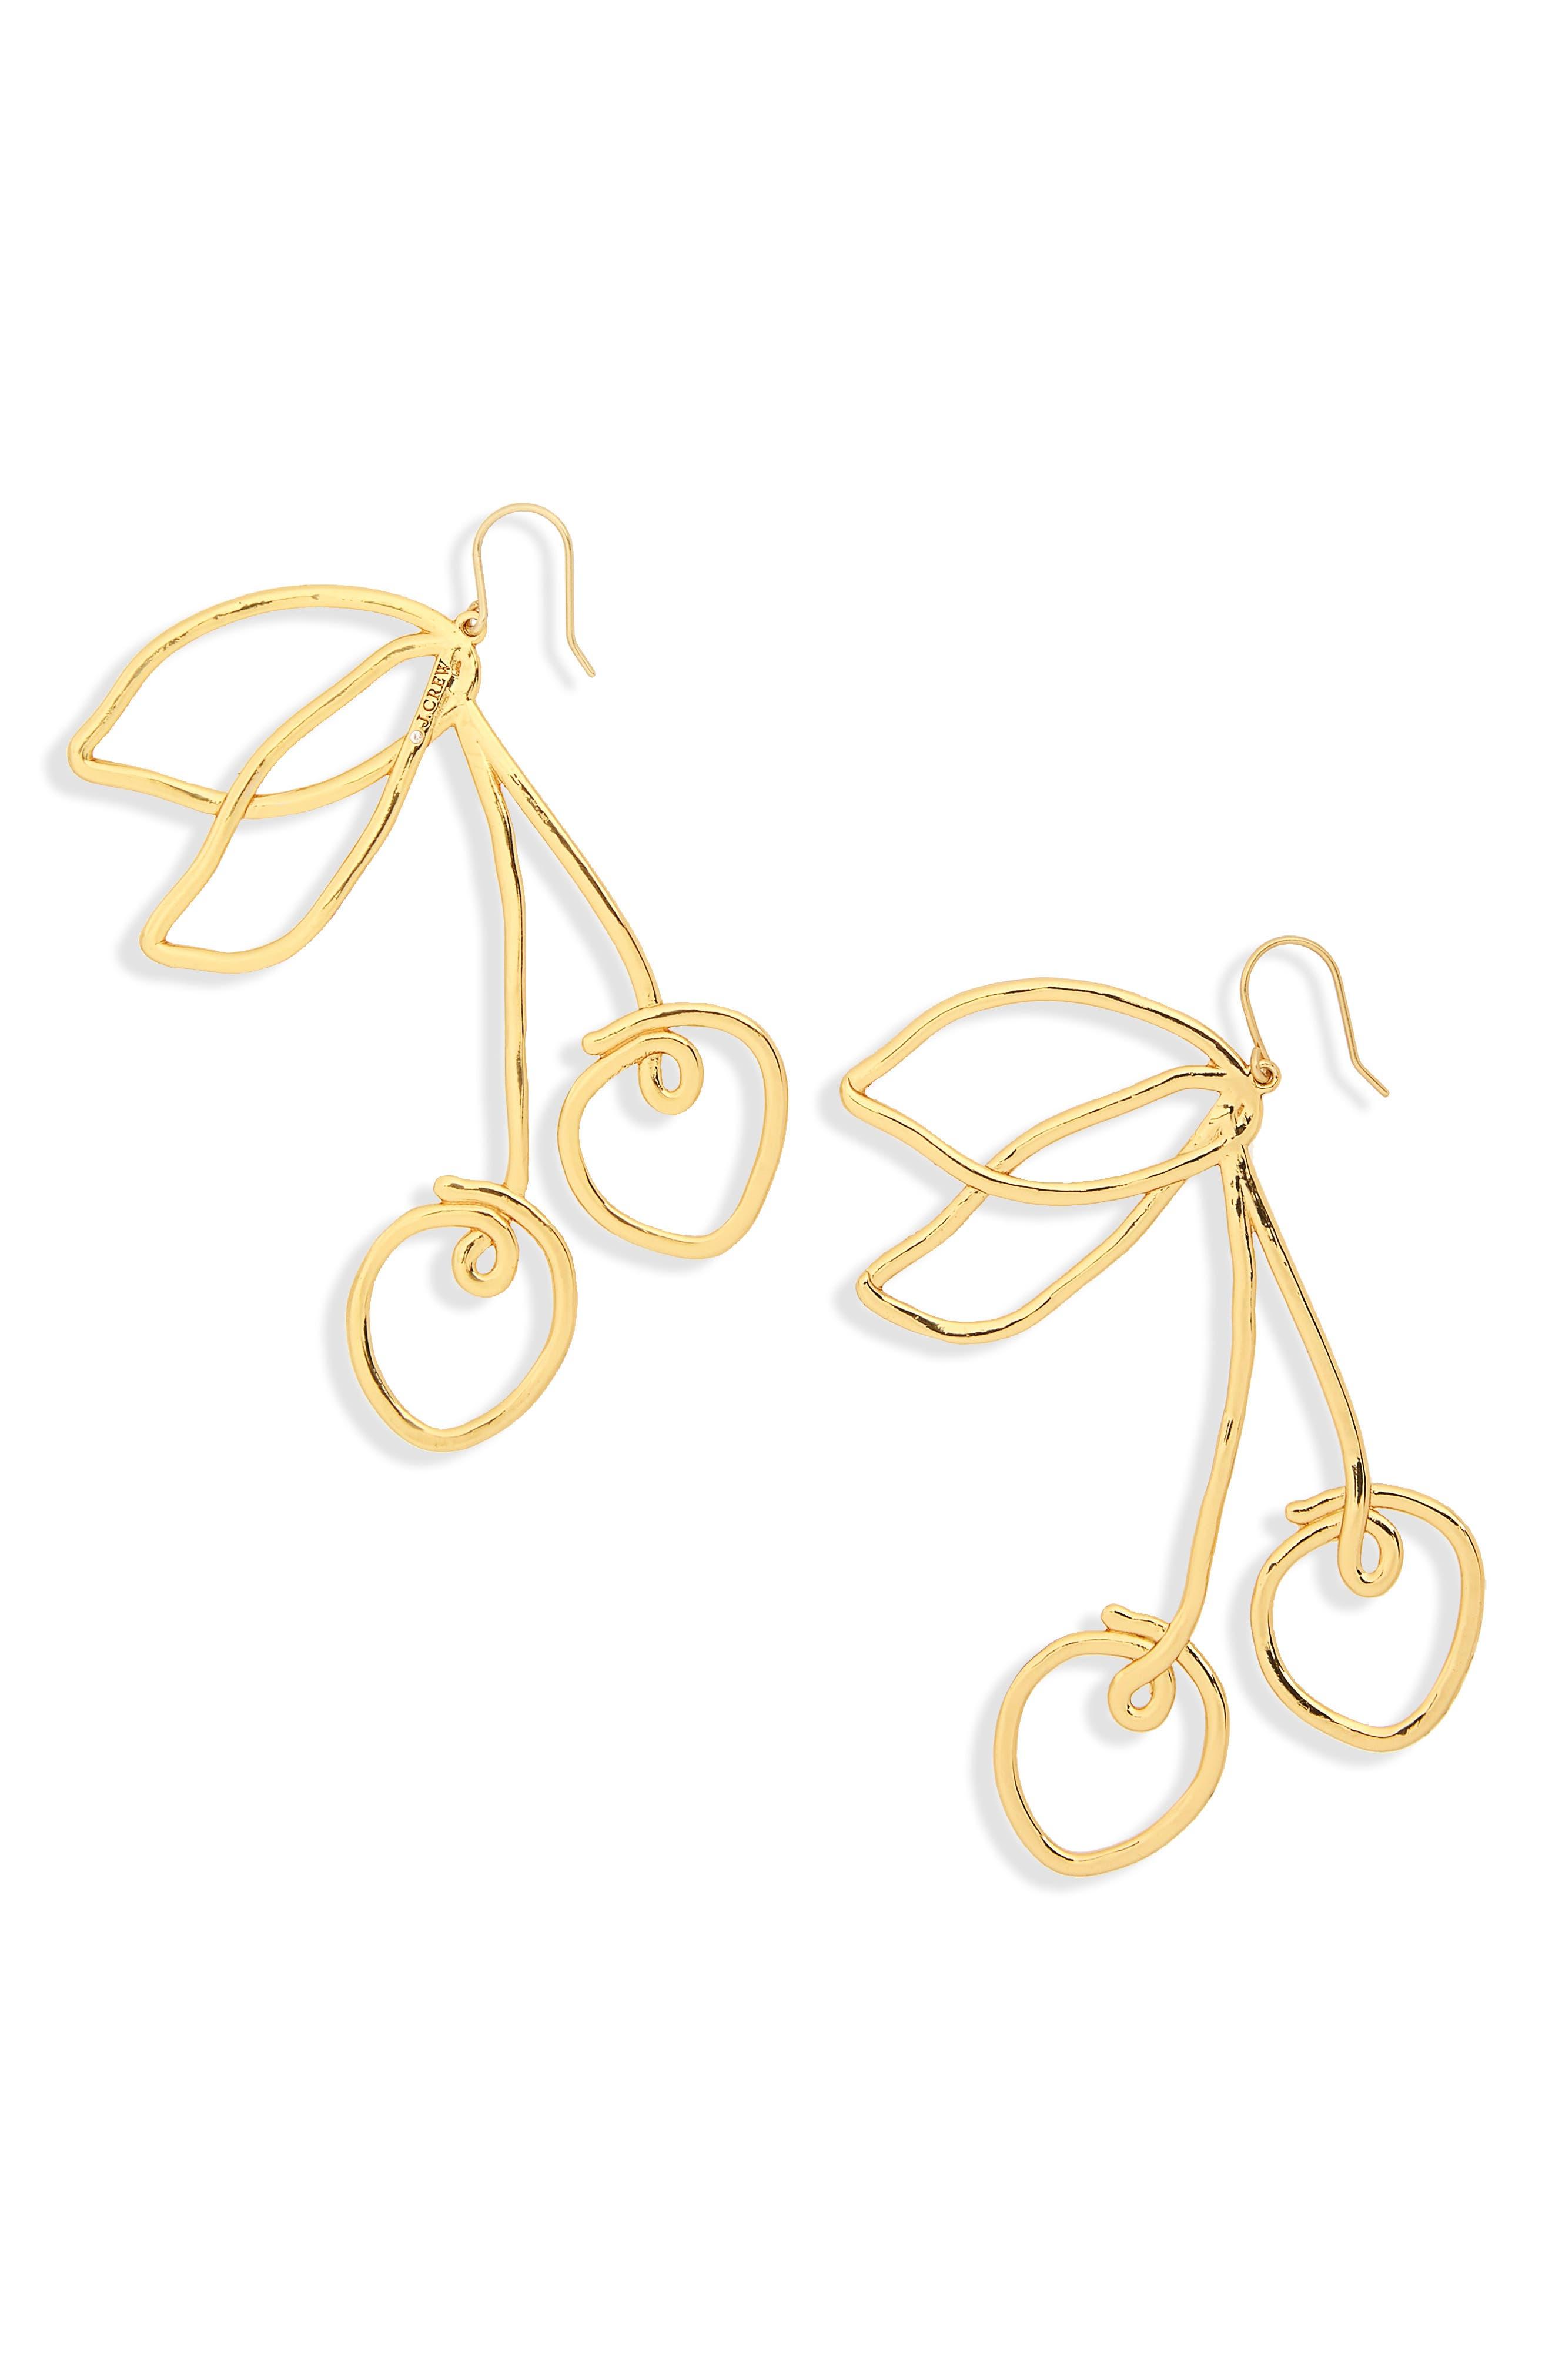 J.Crew Cherry Wire Earrings